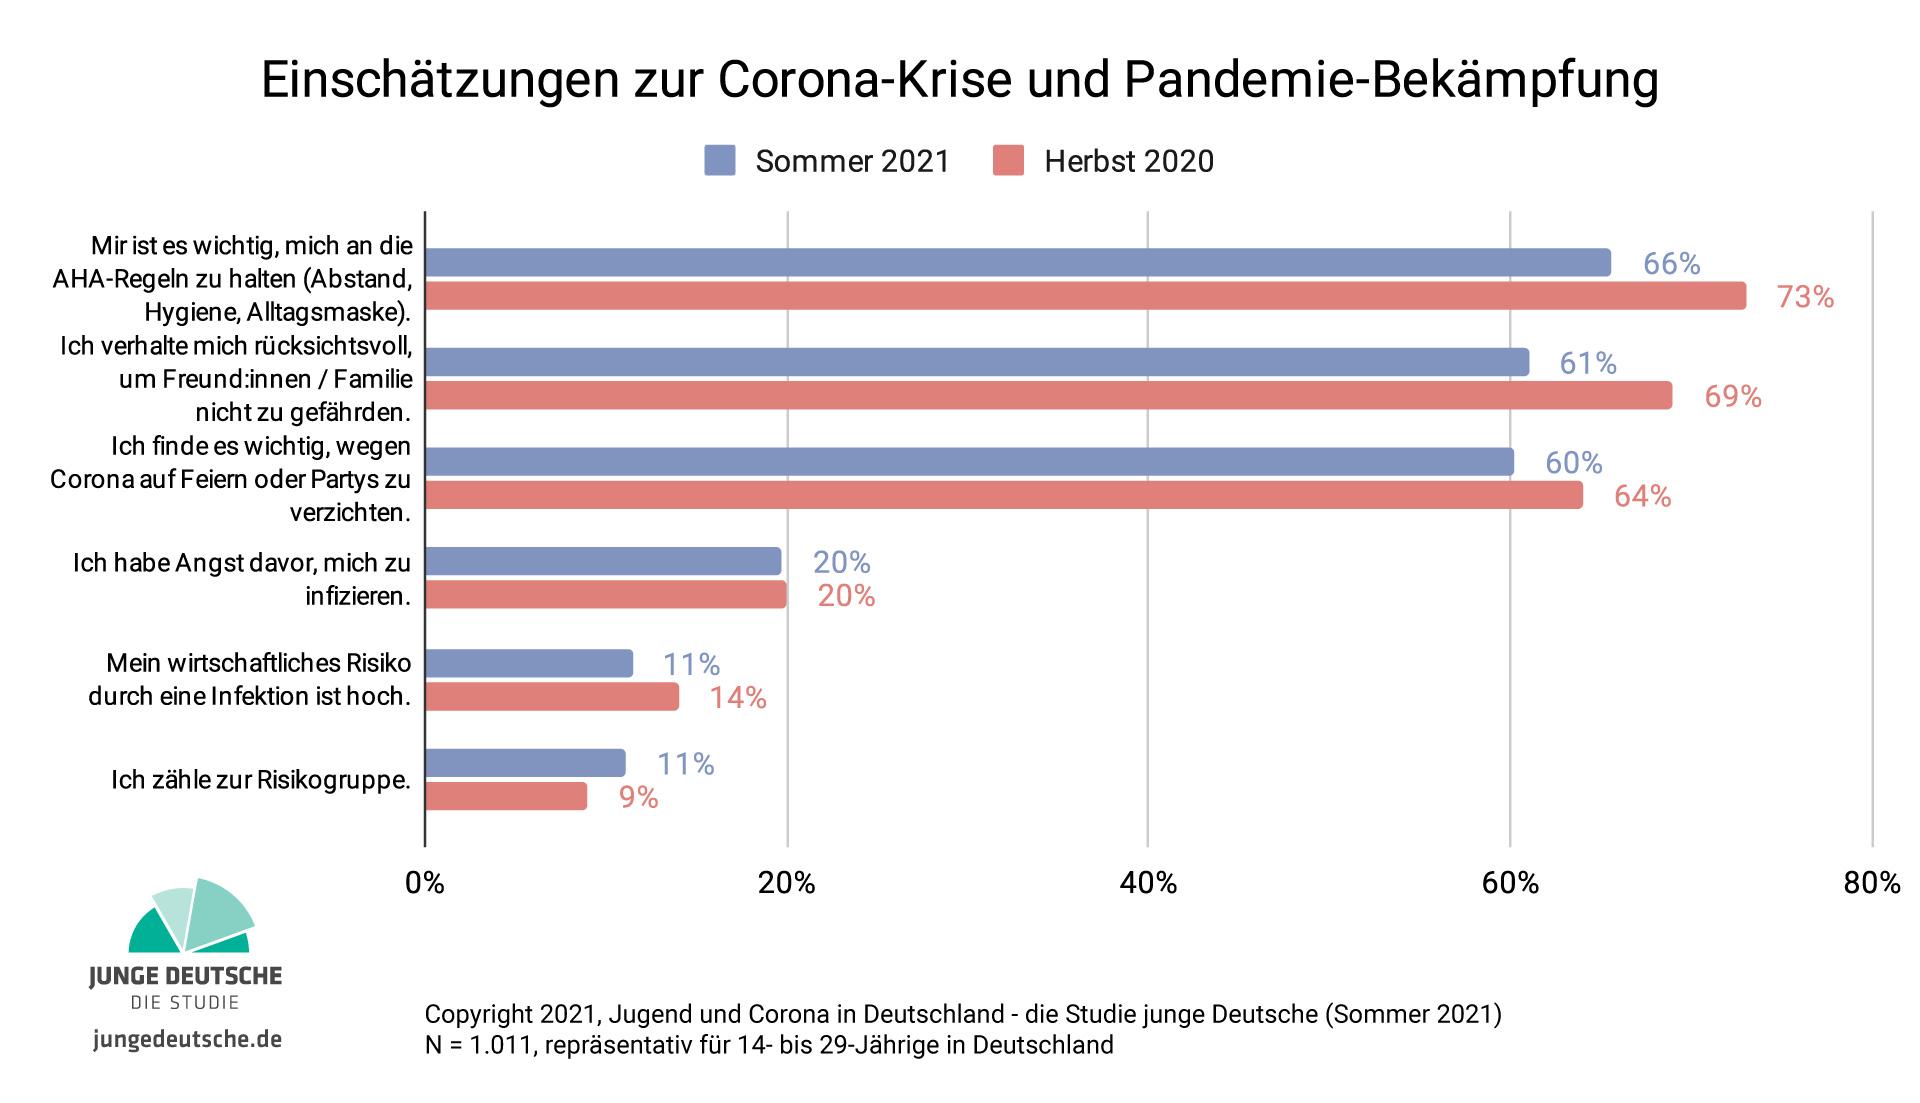 Grafik - Einschätzungen - Solidarität in der Pandemie